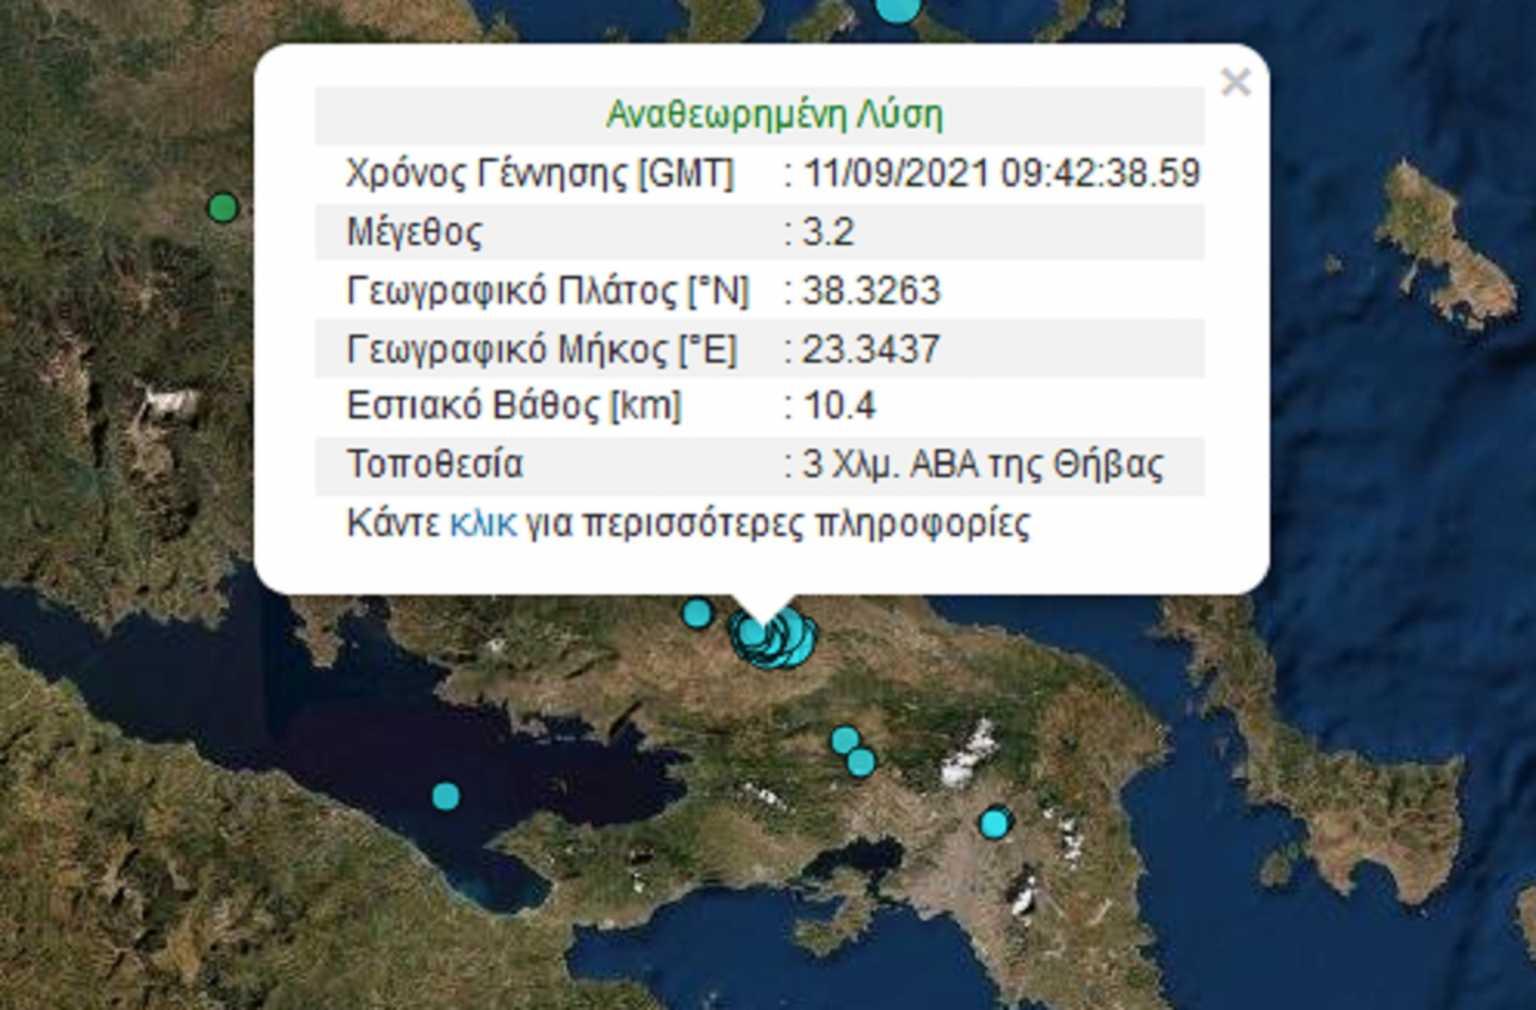 Νέος σεισμός 3,2 Ρίχτερ στη Θήβα